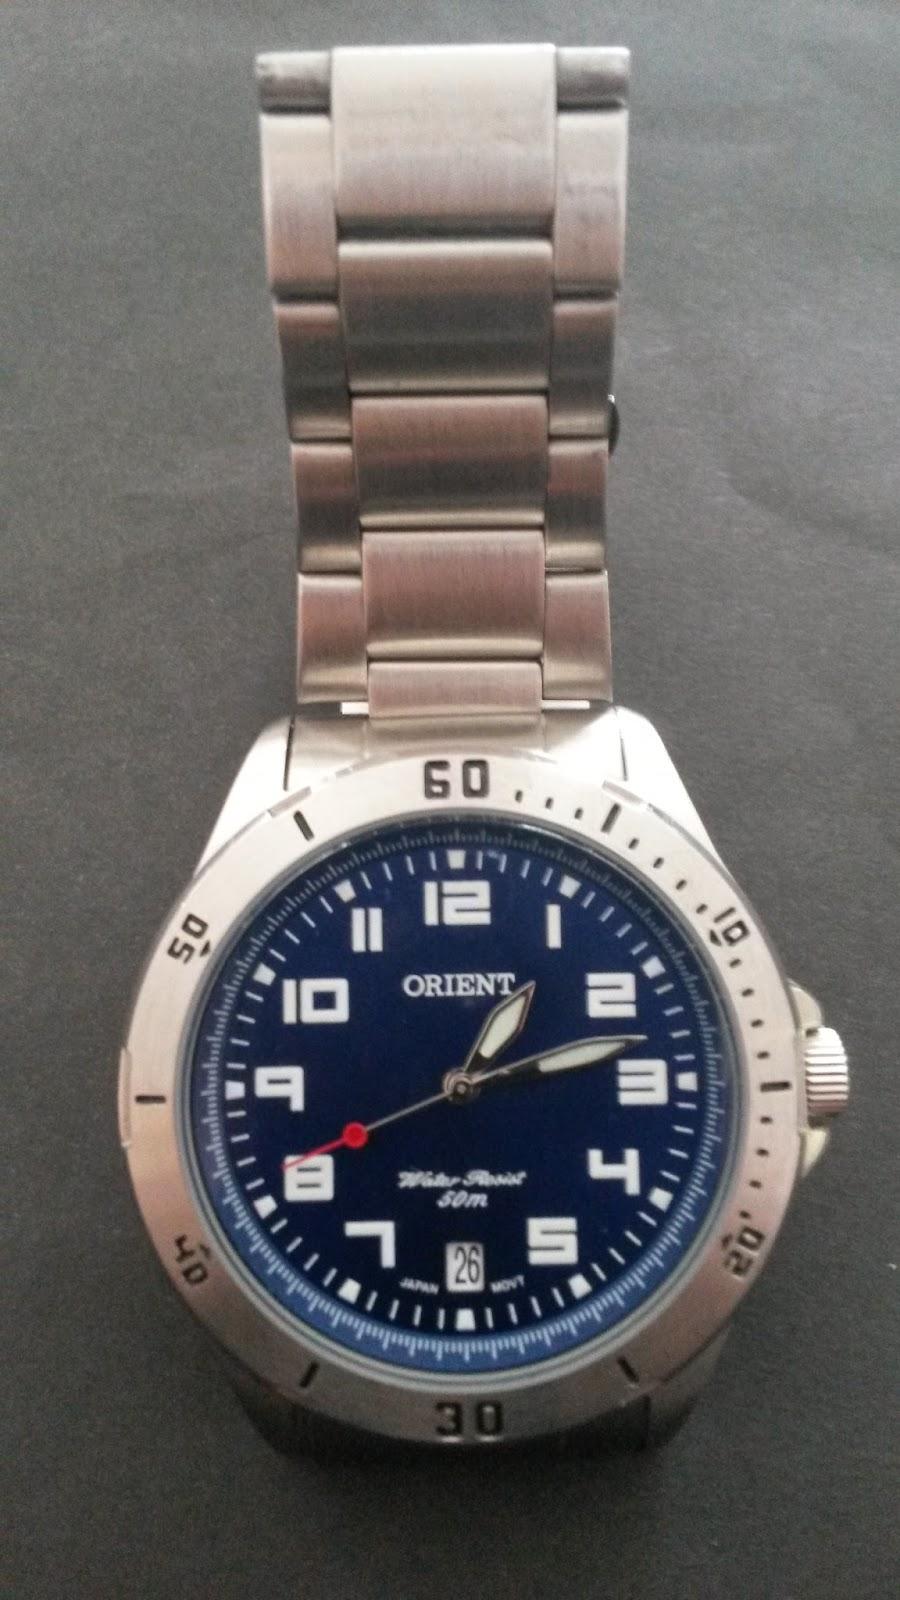 31e8df969a6 Dois modelos de relógios da marca Orient. Modernos e robustos